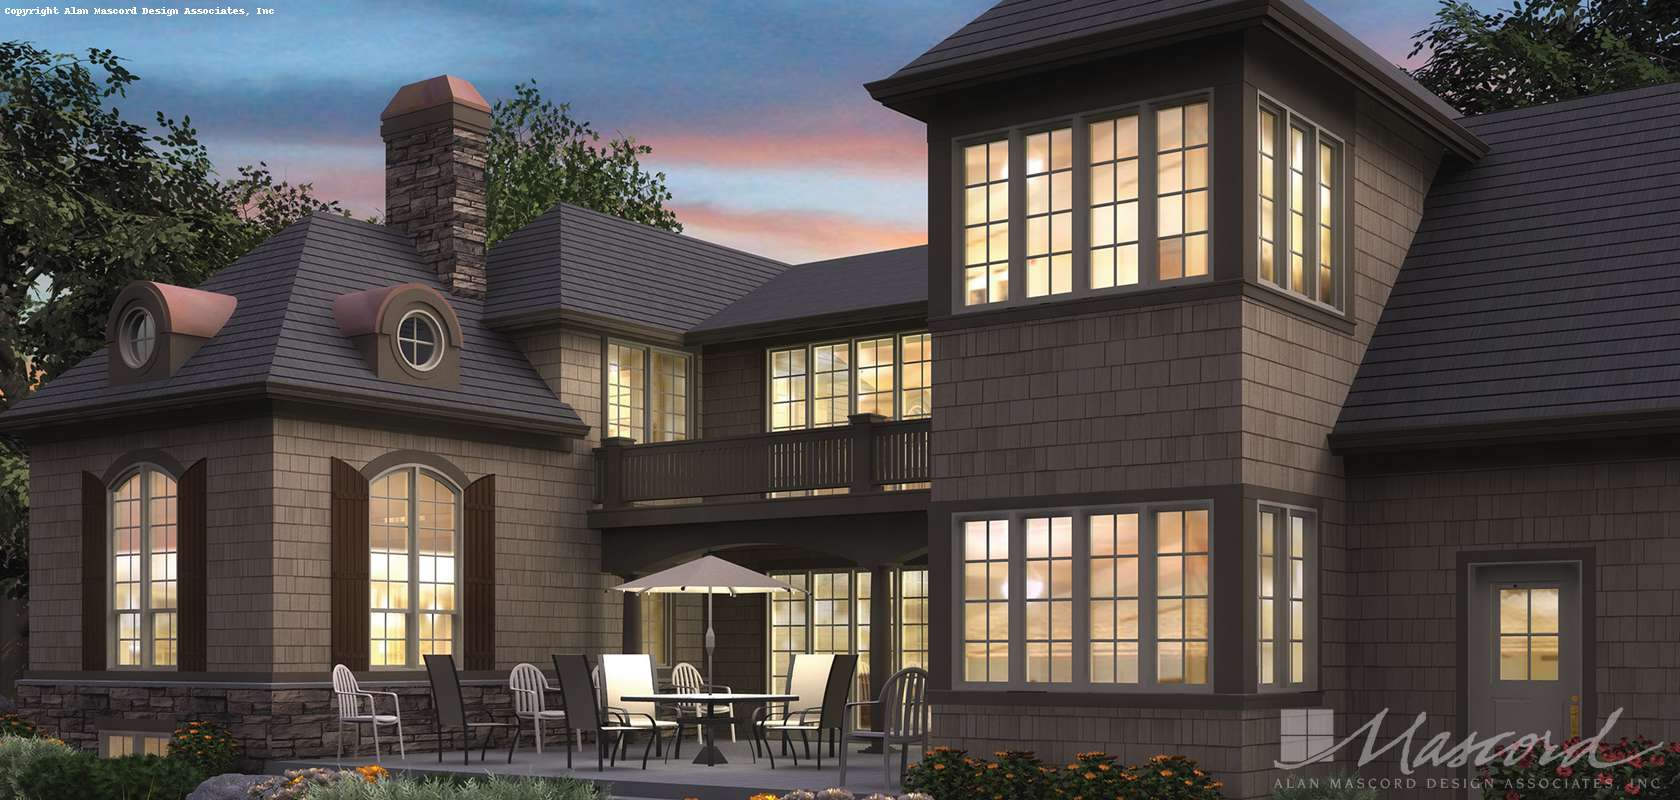 Mascord House Plan 2380: The Lisette